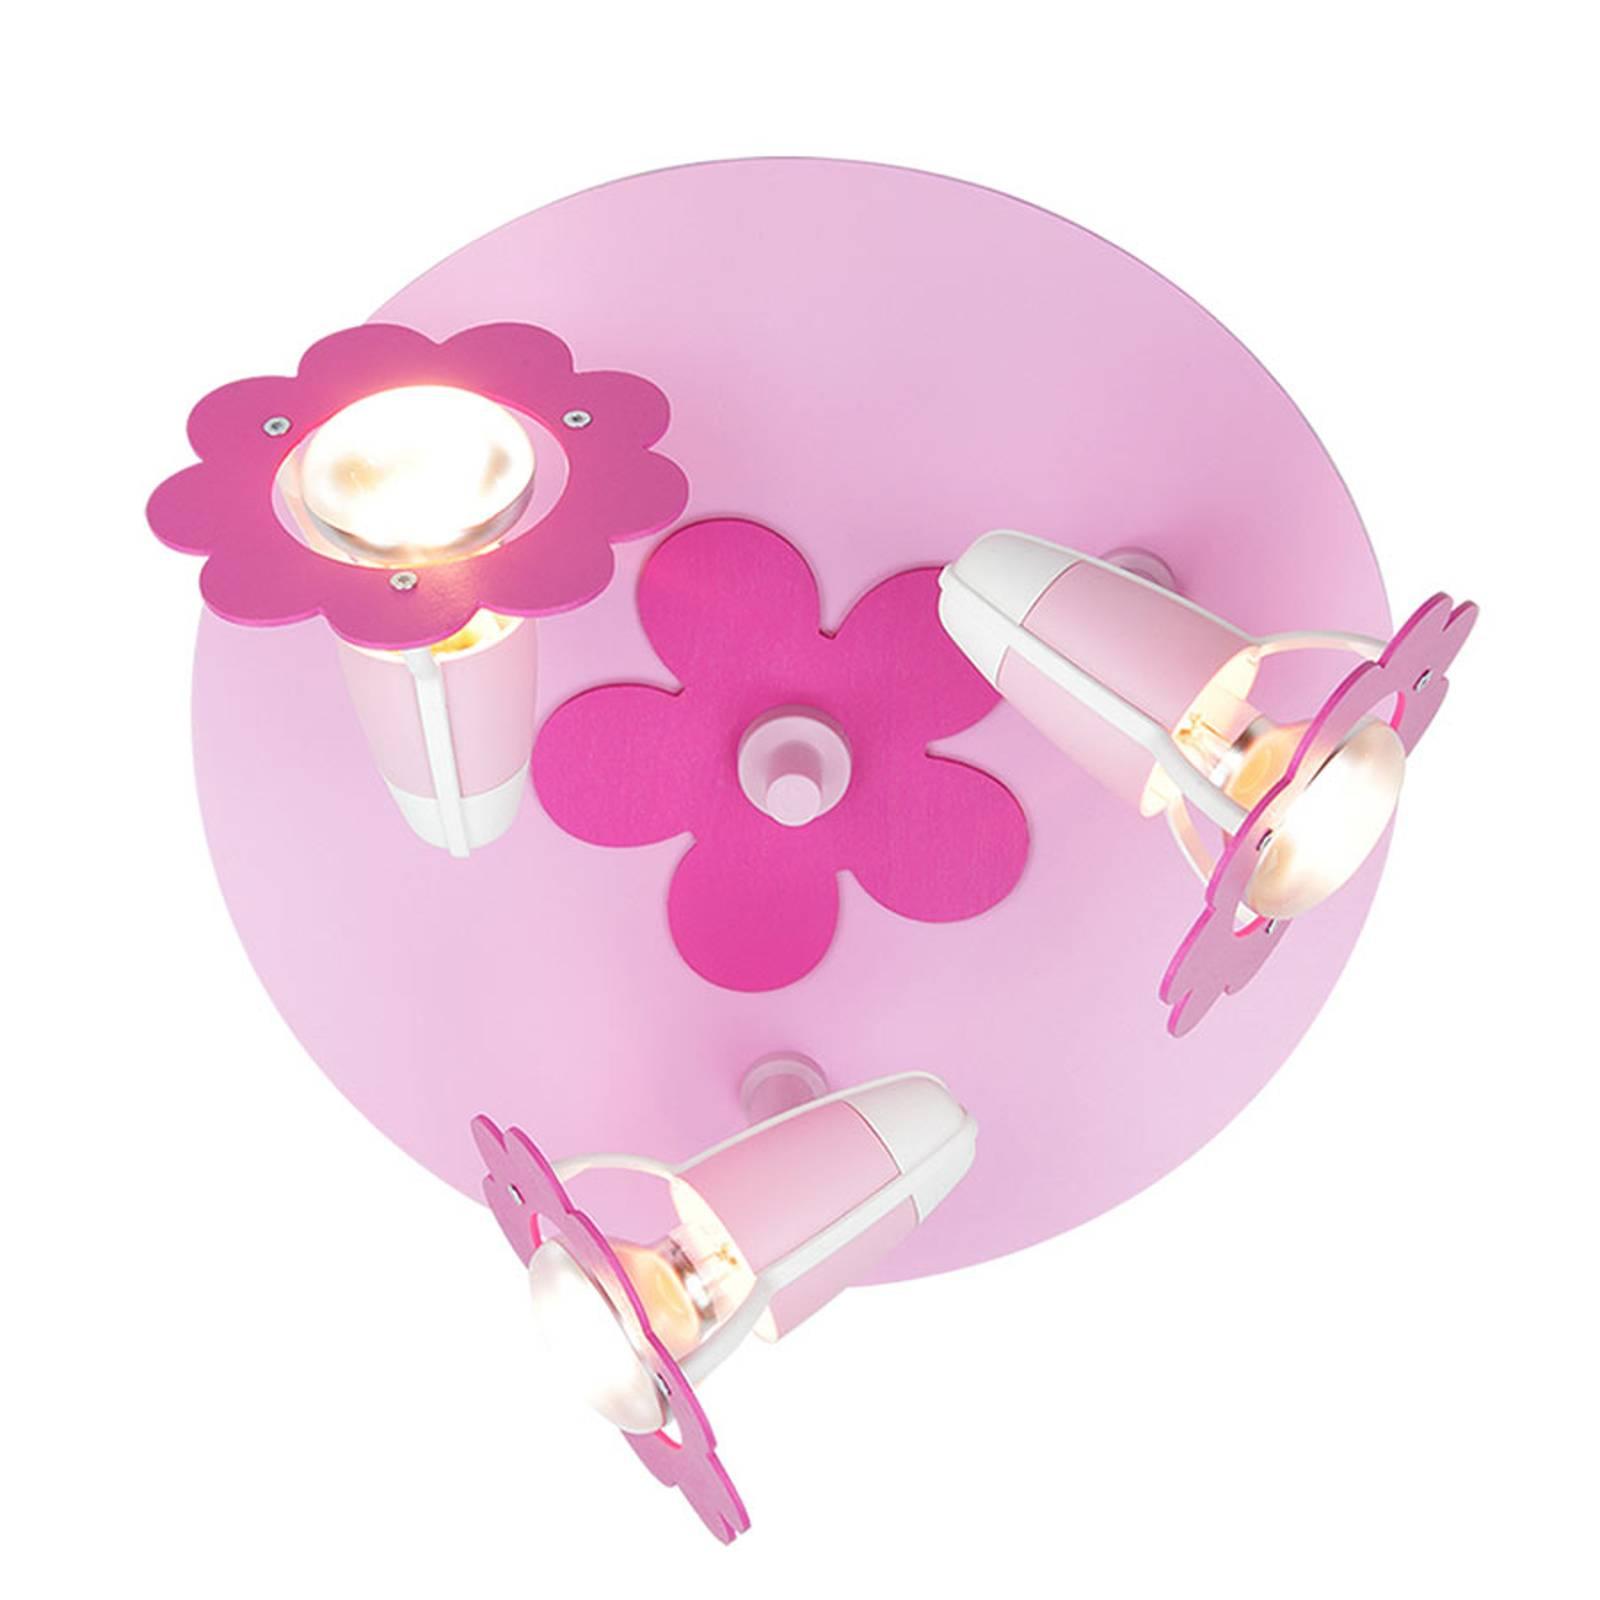 Kukka-kattovalaisin, roosa, pyöreä, 3-lamppuinen